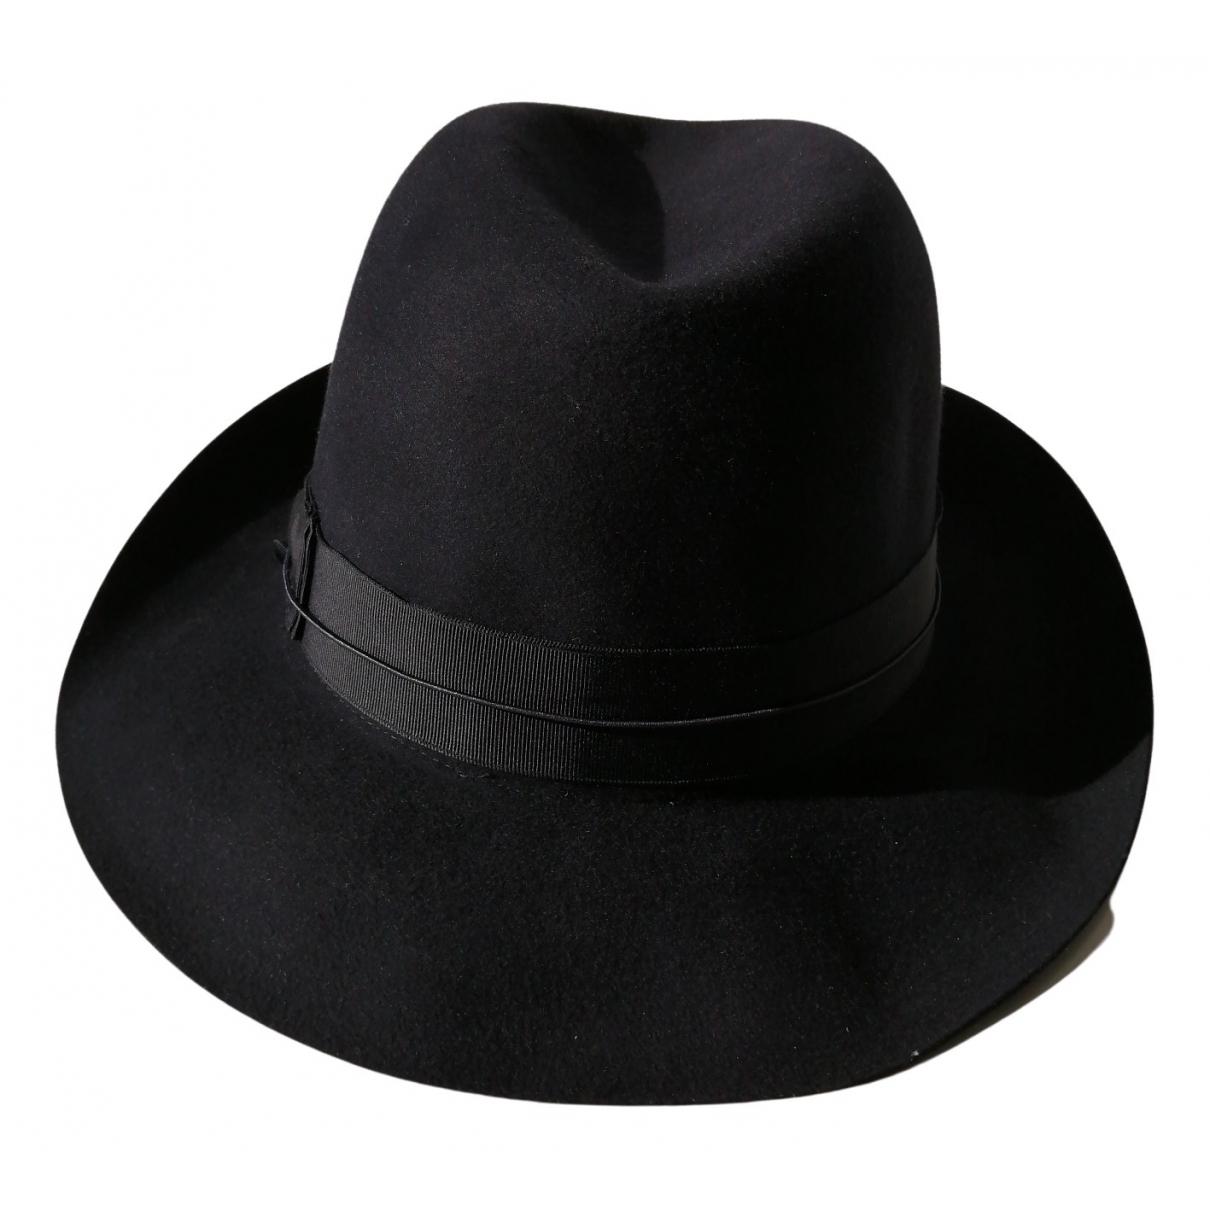 Borsalino \N Black Cashmere hat & pull on hat for Men 60 cm